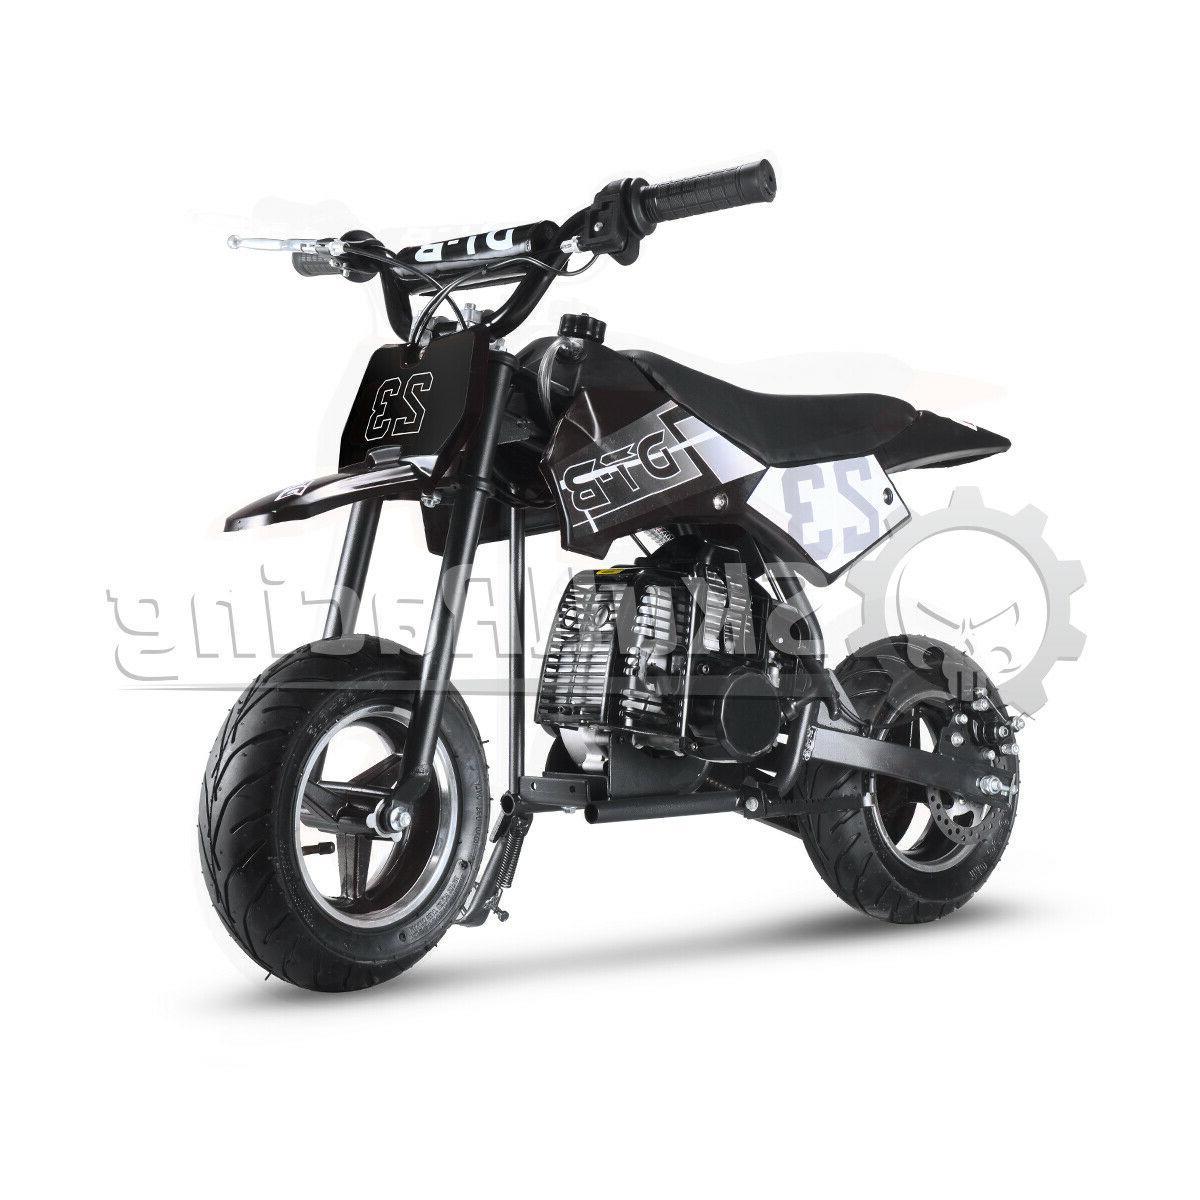 SkullRacing Powered Mini Pocket Motorcycle